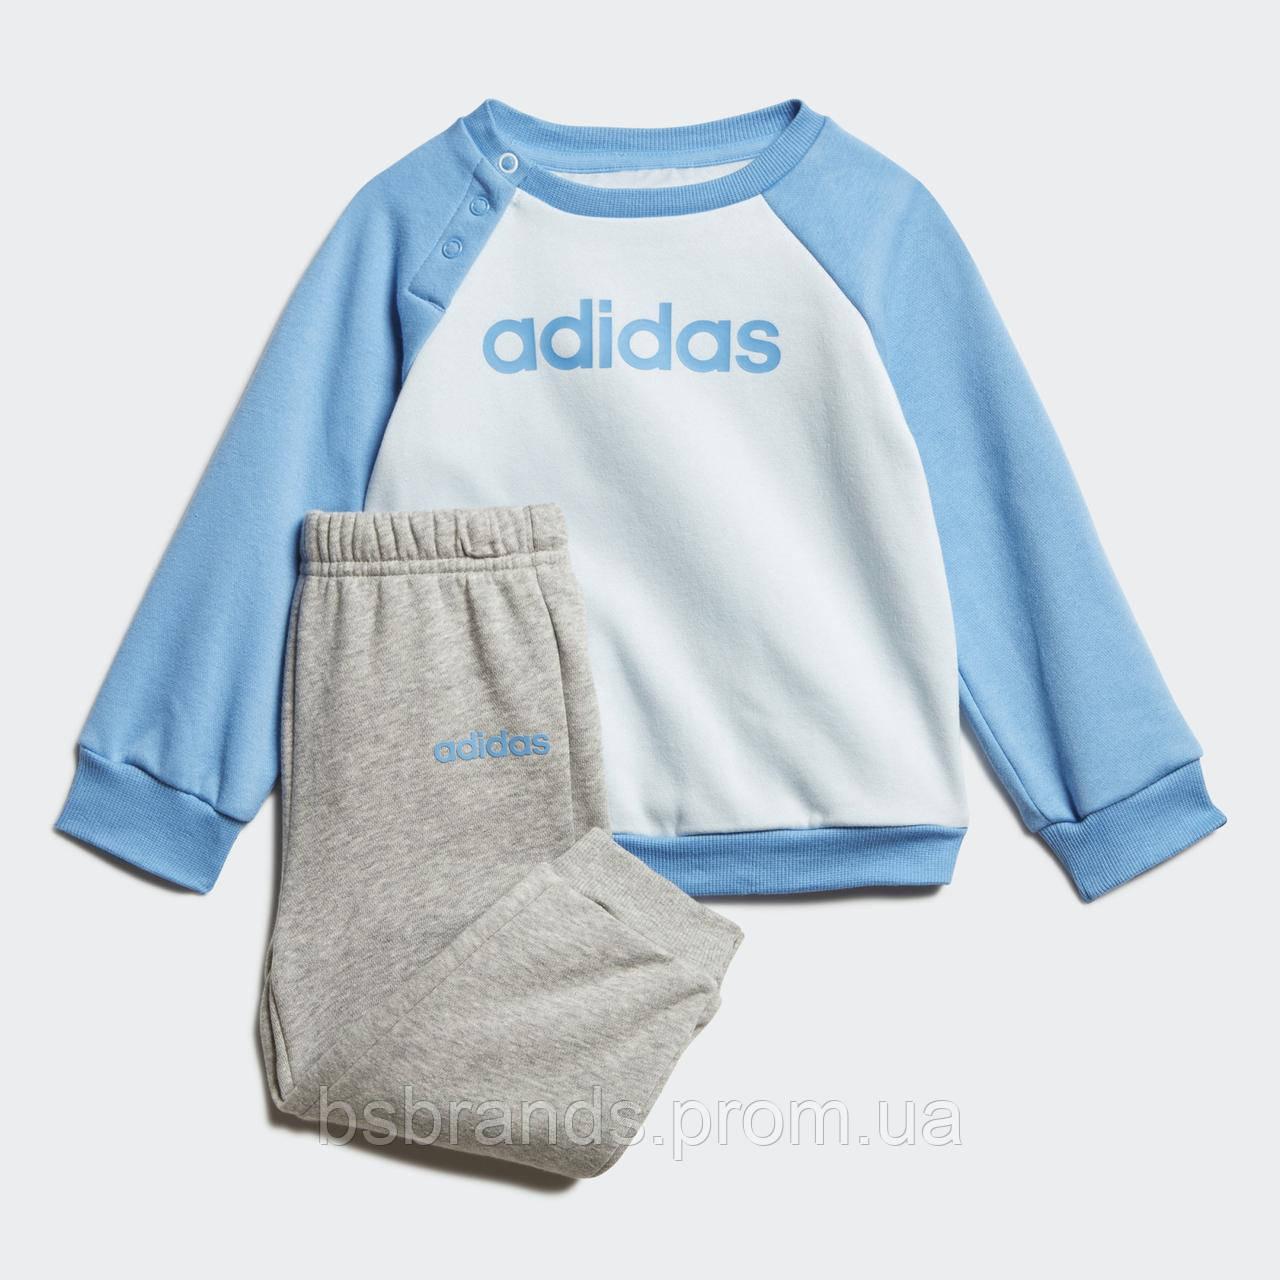 Детский спортивный костюм adidas Linear FM6573 (2020/1)